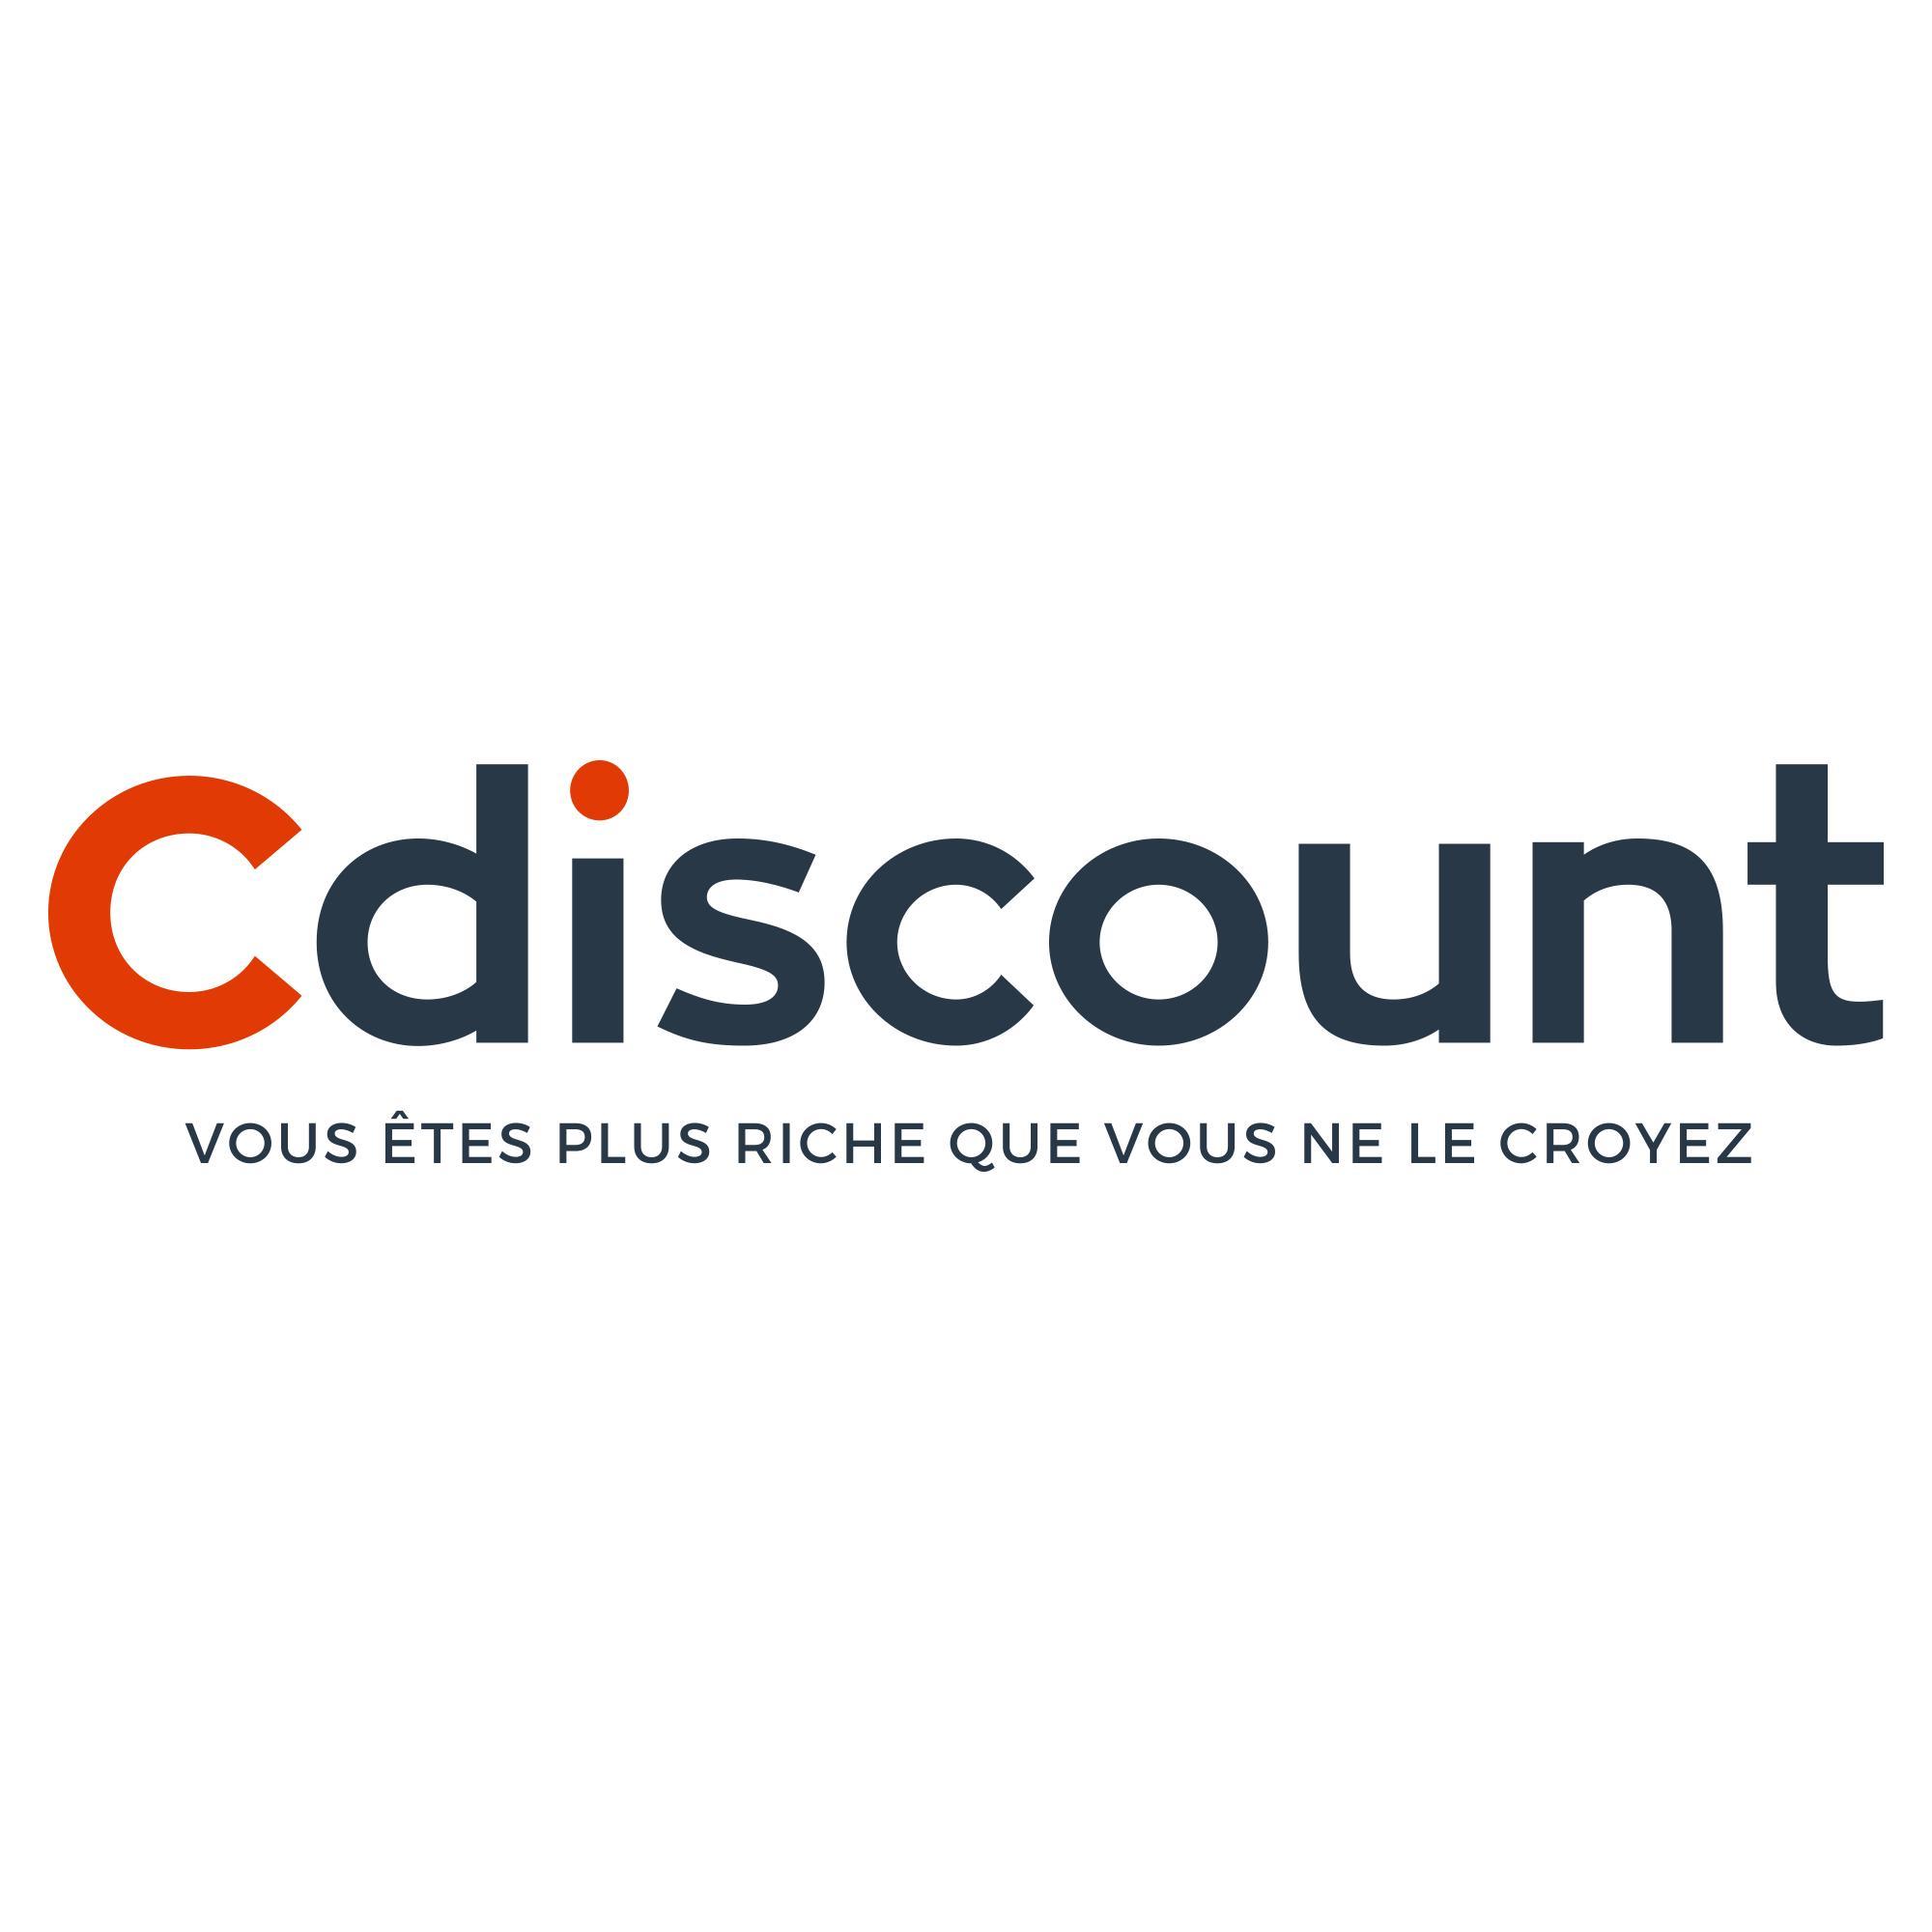 5€ de réduction dès 39€ d'achats, 10€ dès 79€ et 25€ dès 199€ sur tout le site et Marketplace (via application)